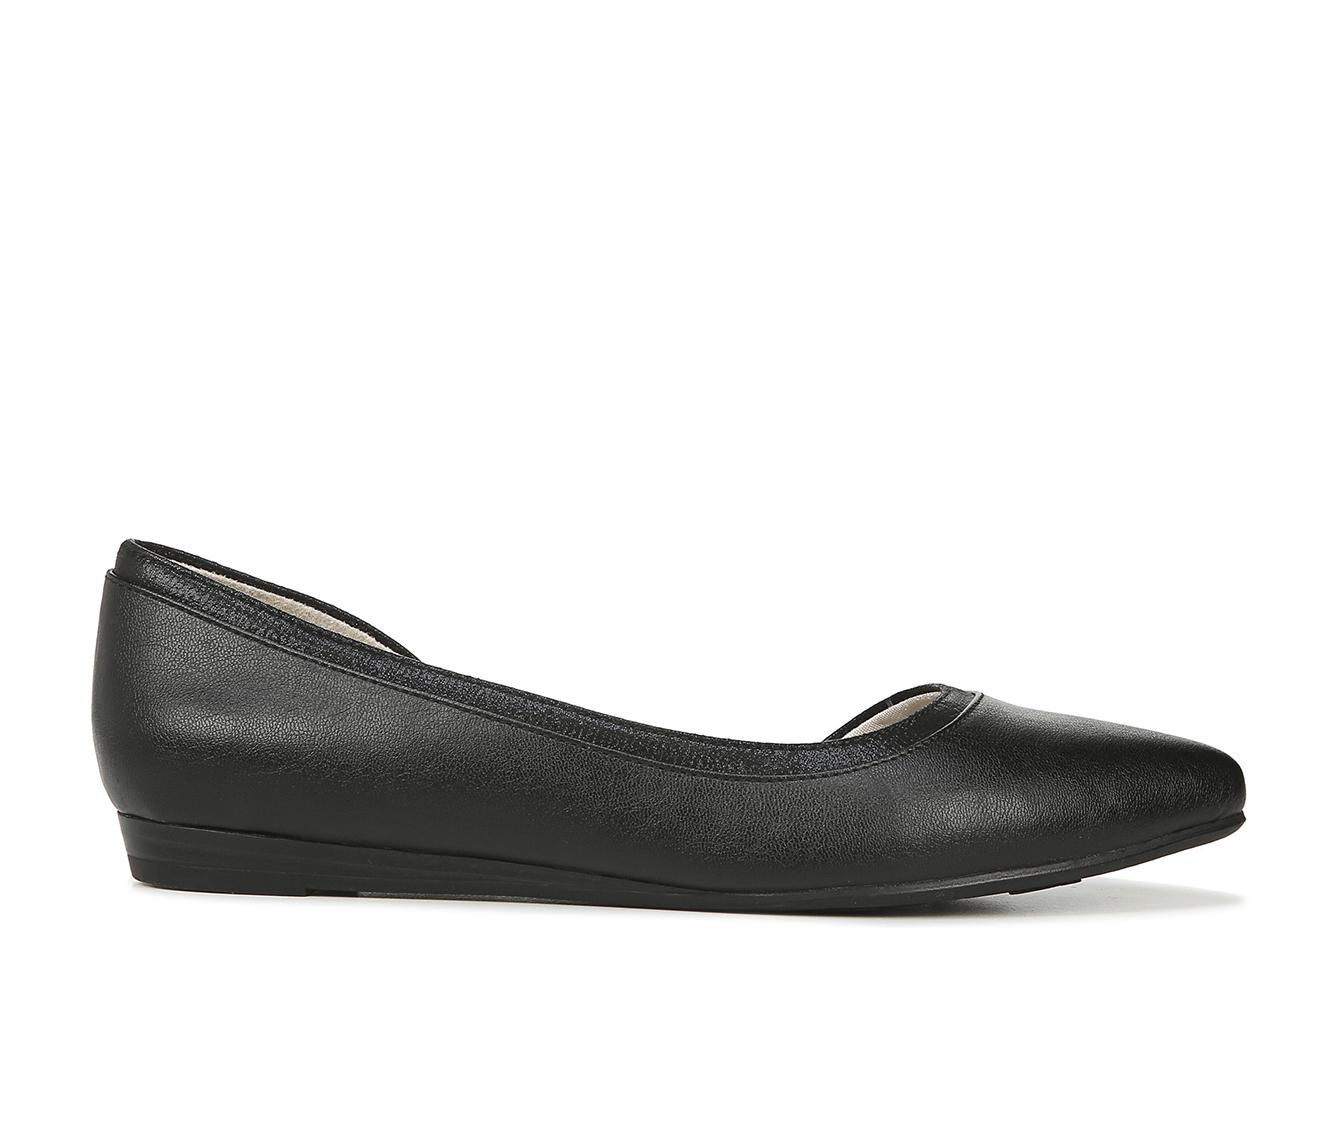 LifeStride Quincy Women's Shoe (Black Faux Leather)